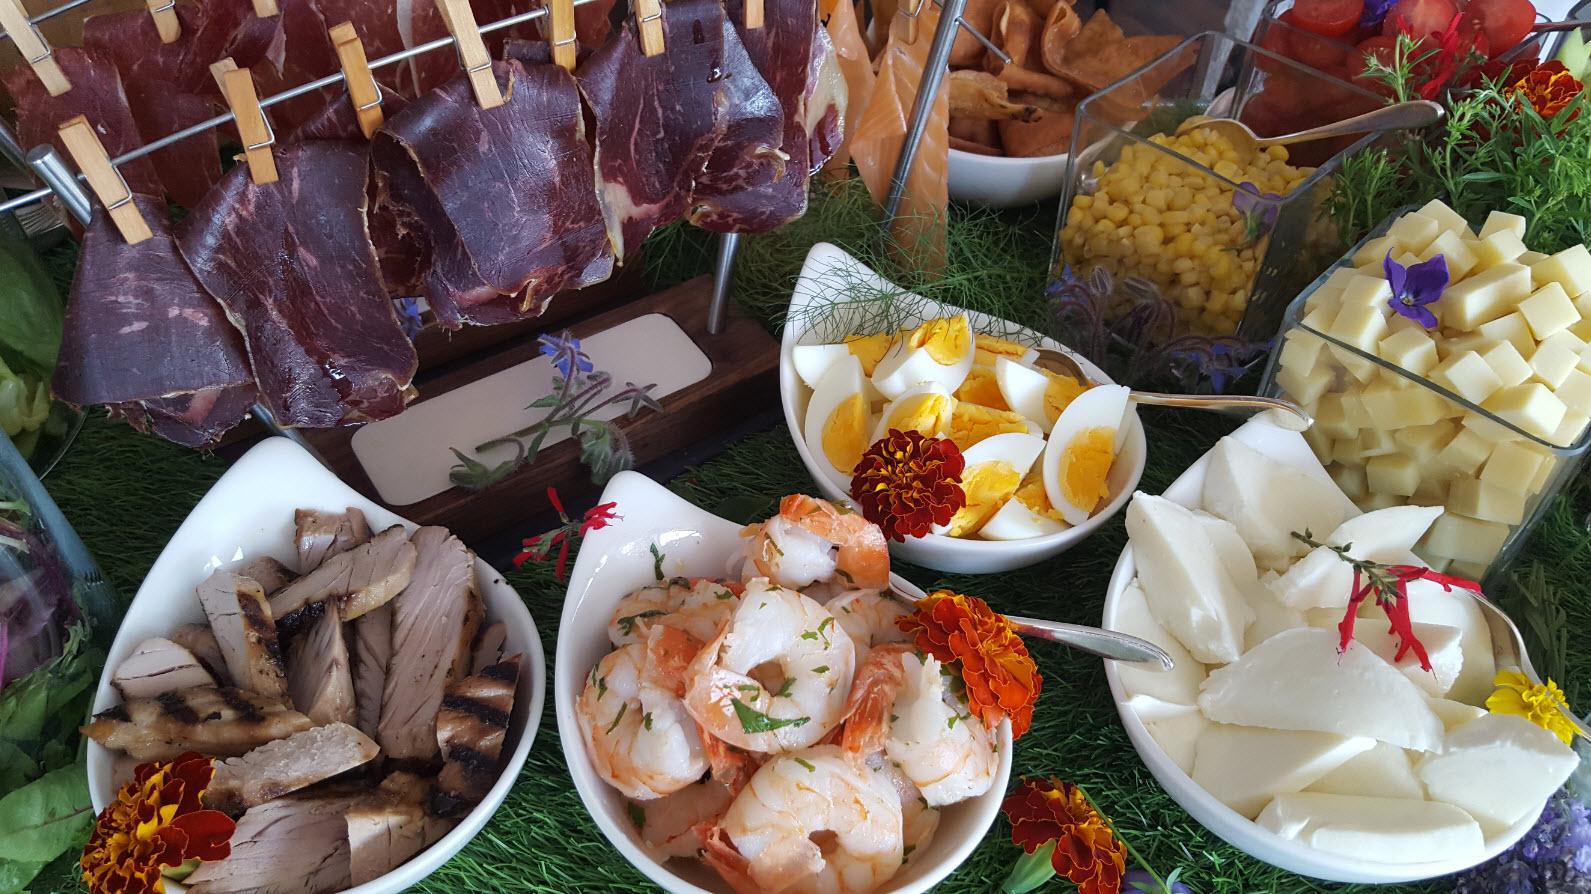 Crevettes et viande sechee